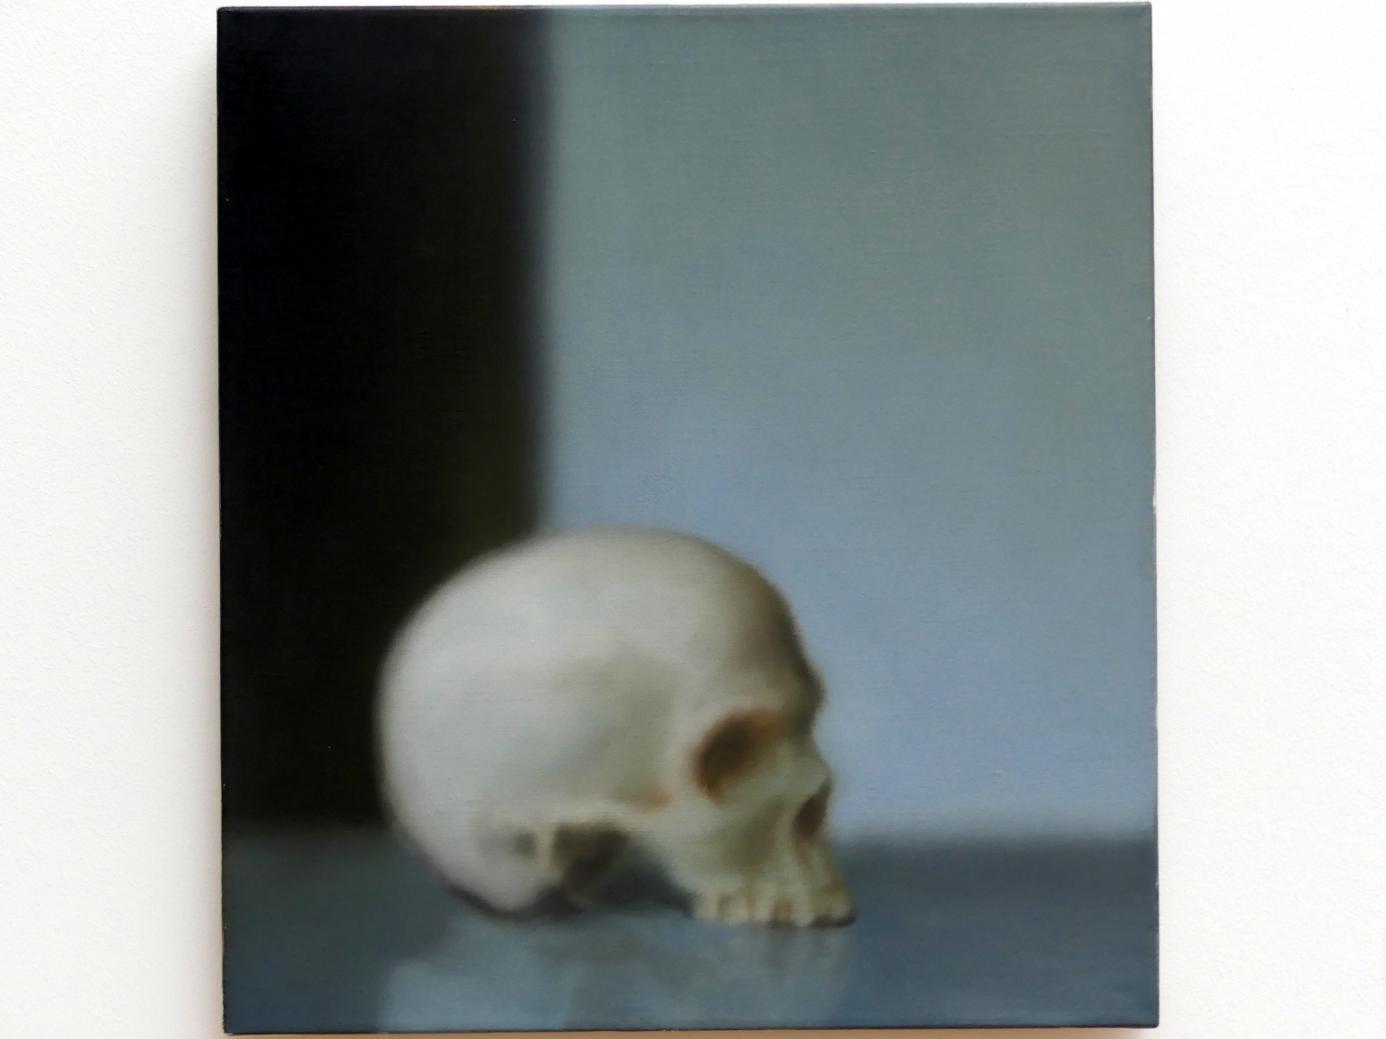 Gerhard Richter: Schädel (548-1), 1983